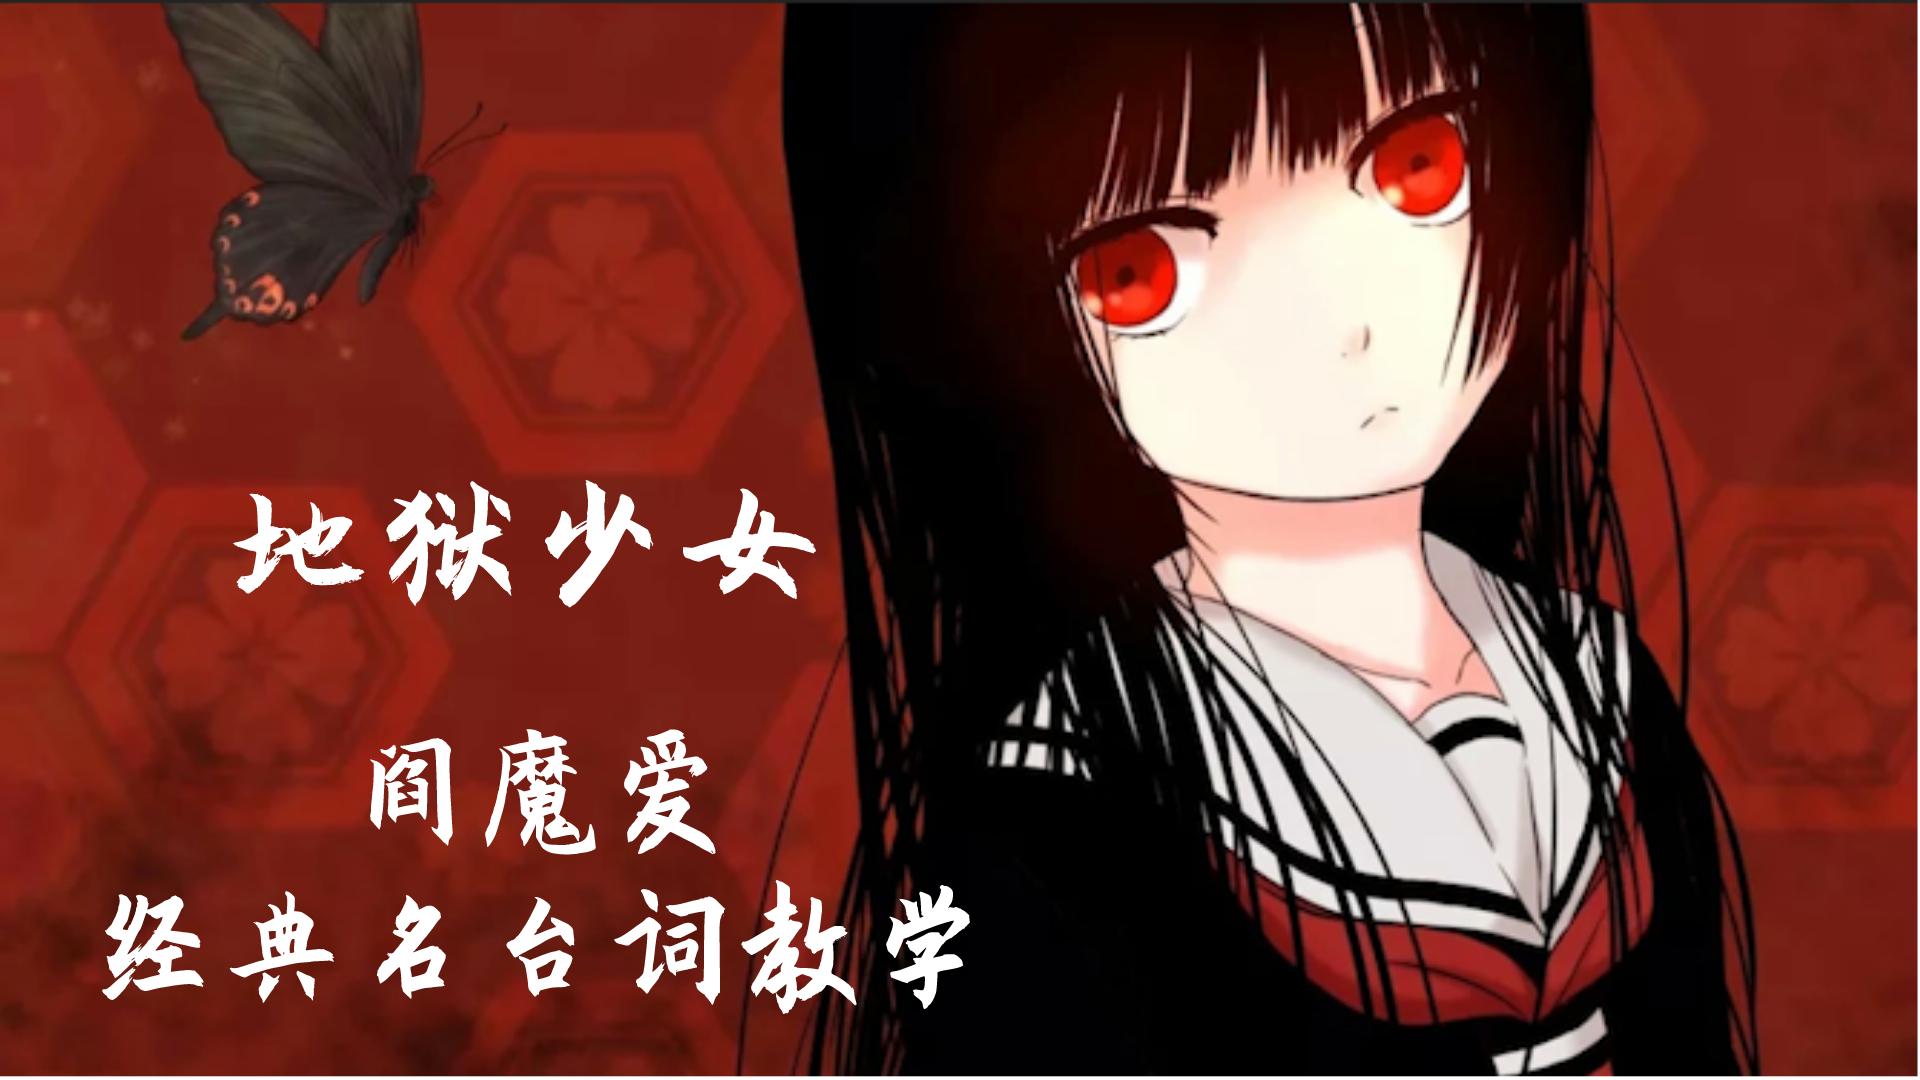 【跟着阎魔爱零基础学日语】—地狱少女名台词教学